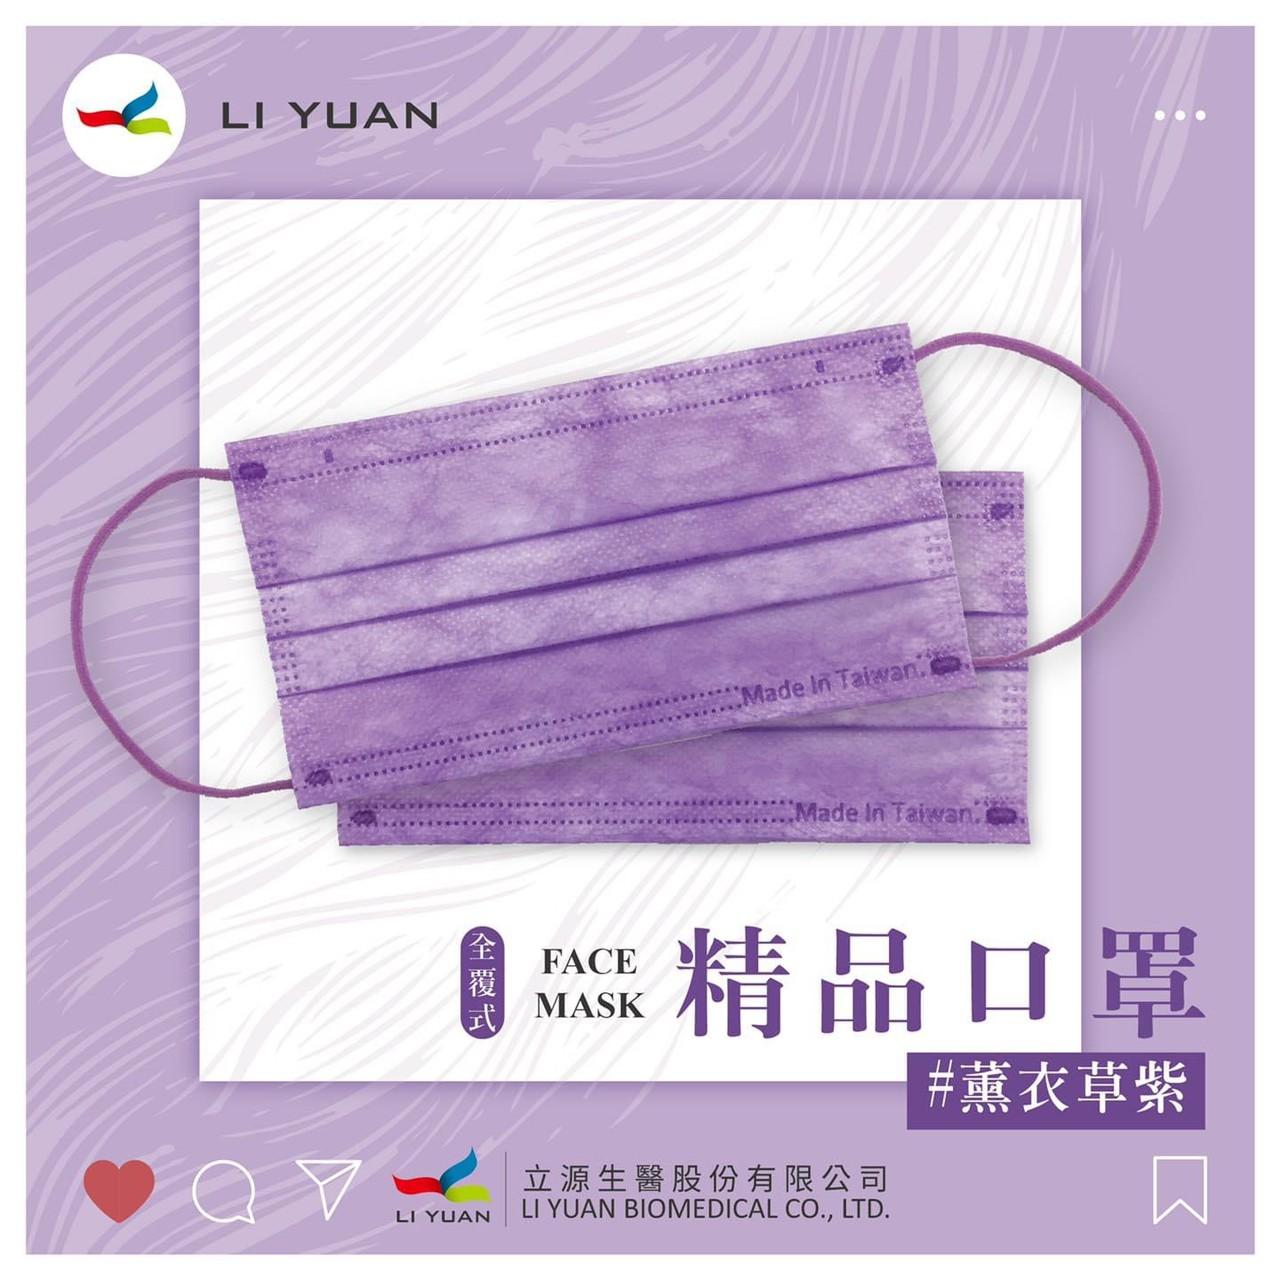 台灣製口罩 造型口罩 薰衣草紫 紫色 淺色口罩 淺紫